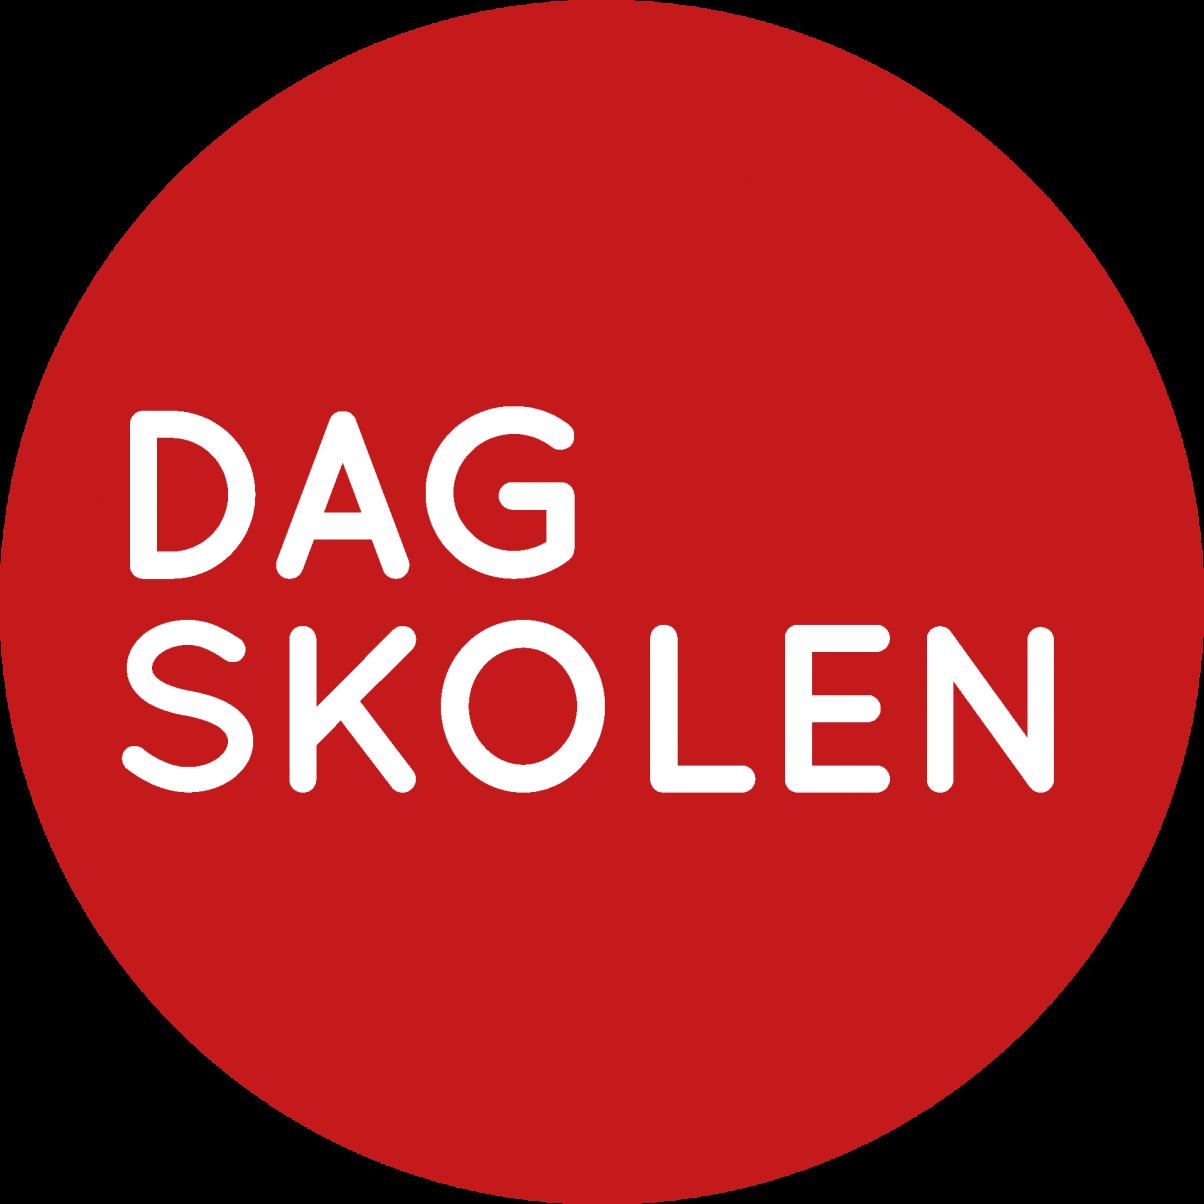 dagskolen_logo